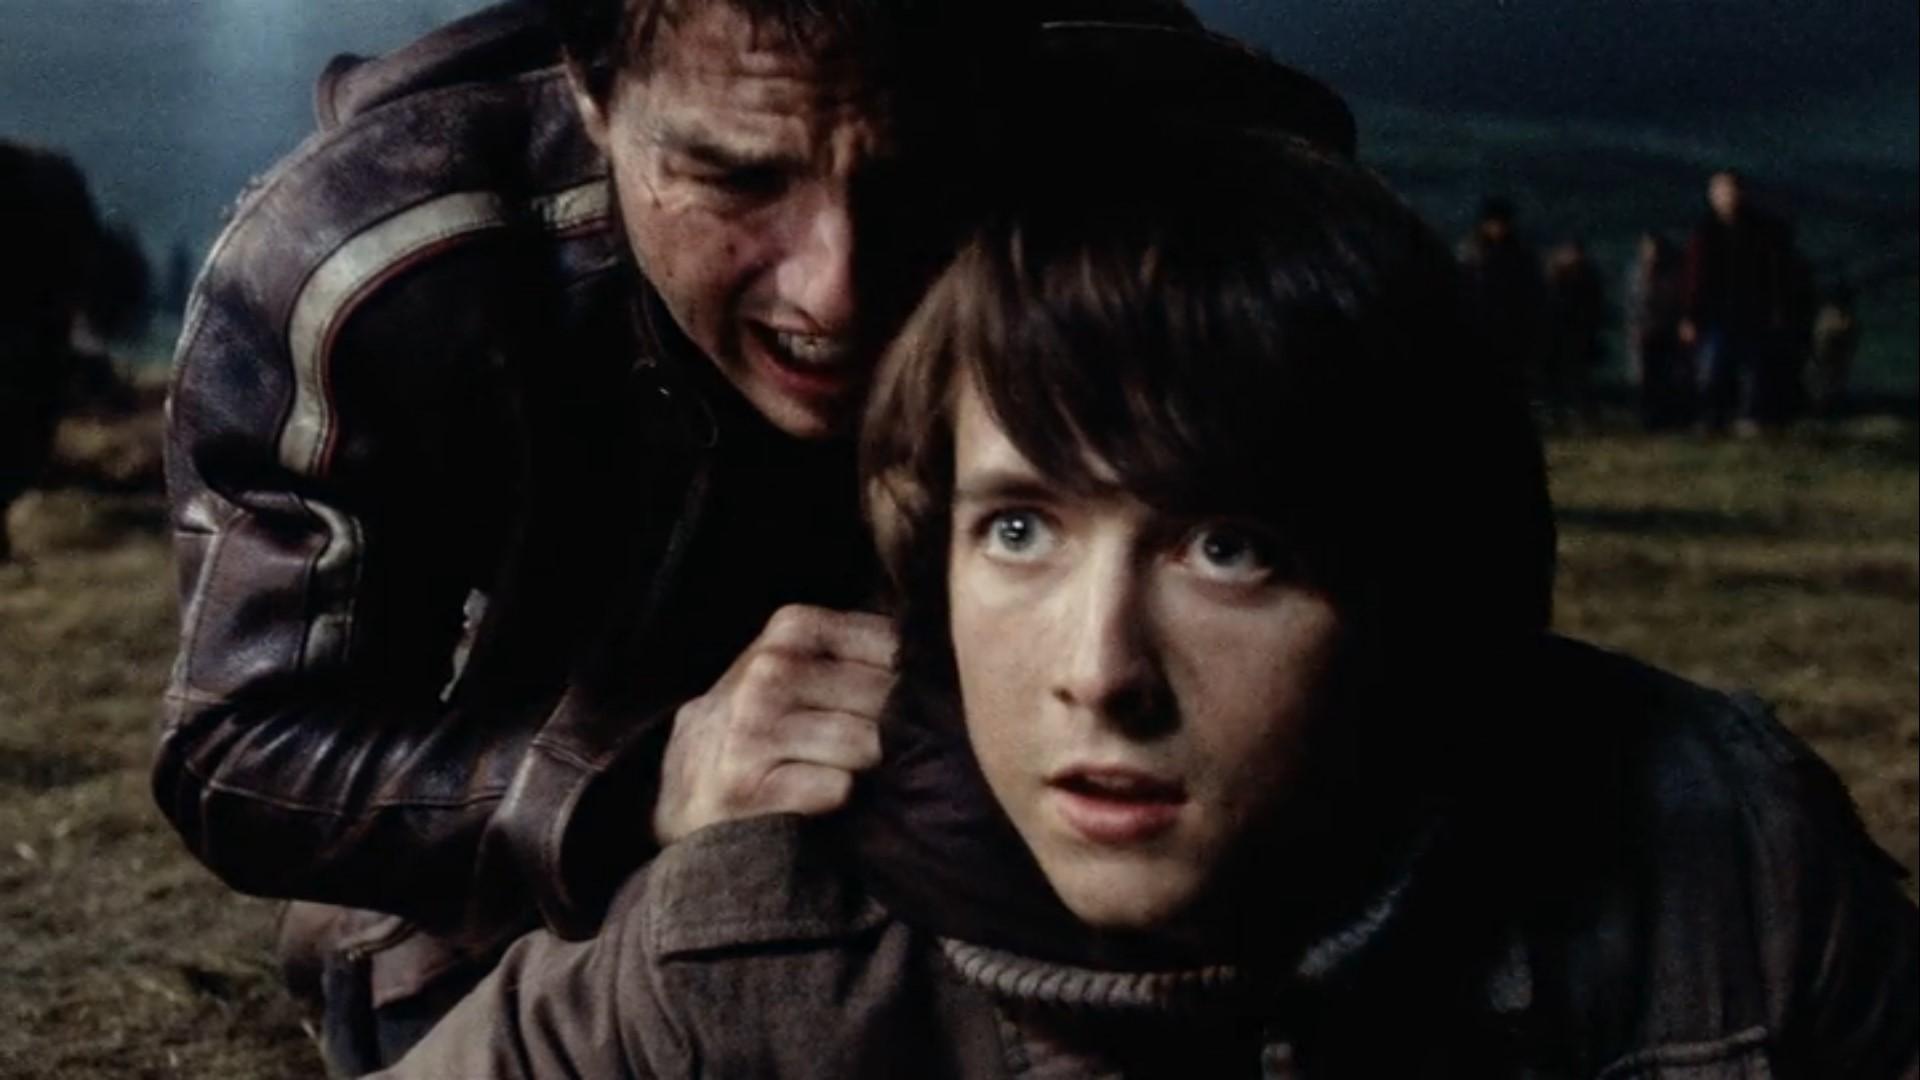 圧倒的な侵略者を前に、何ができるのか?「宇宙戦争(2005)」感想